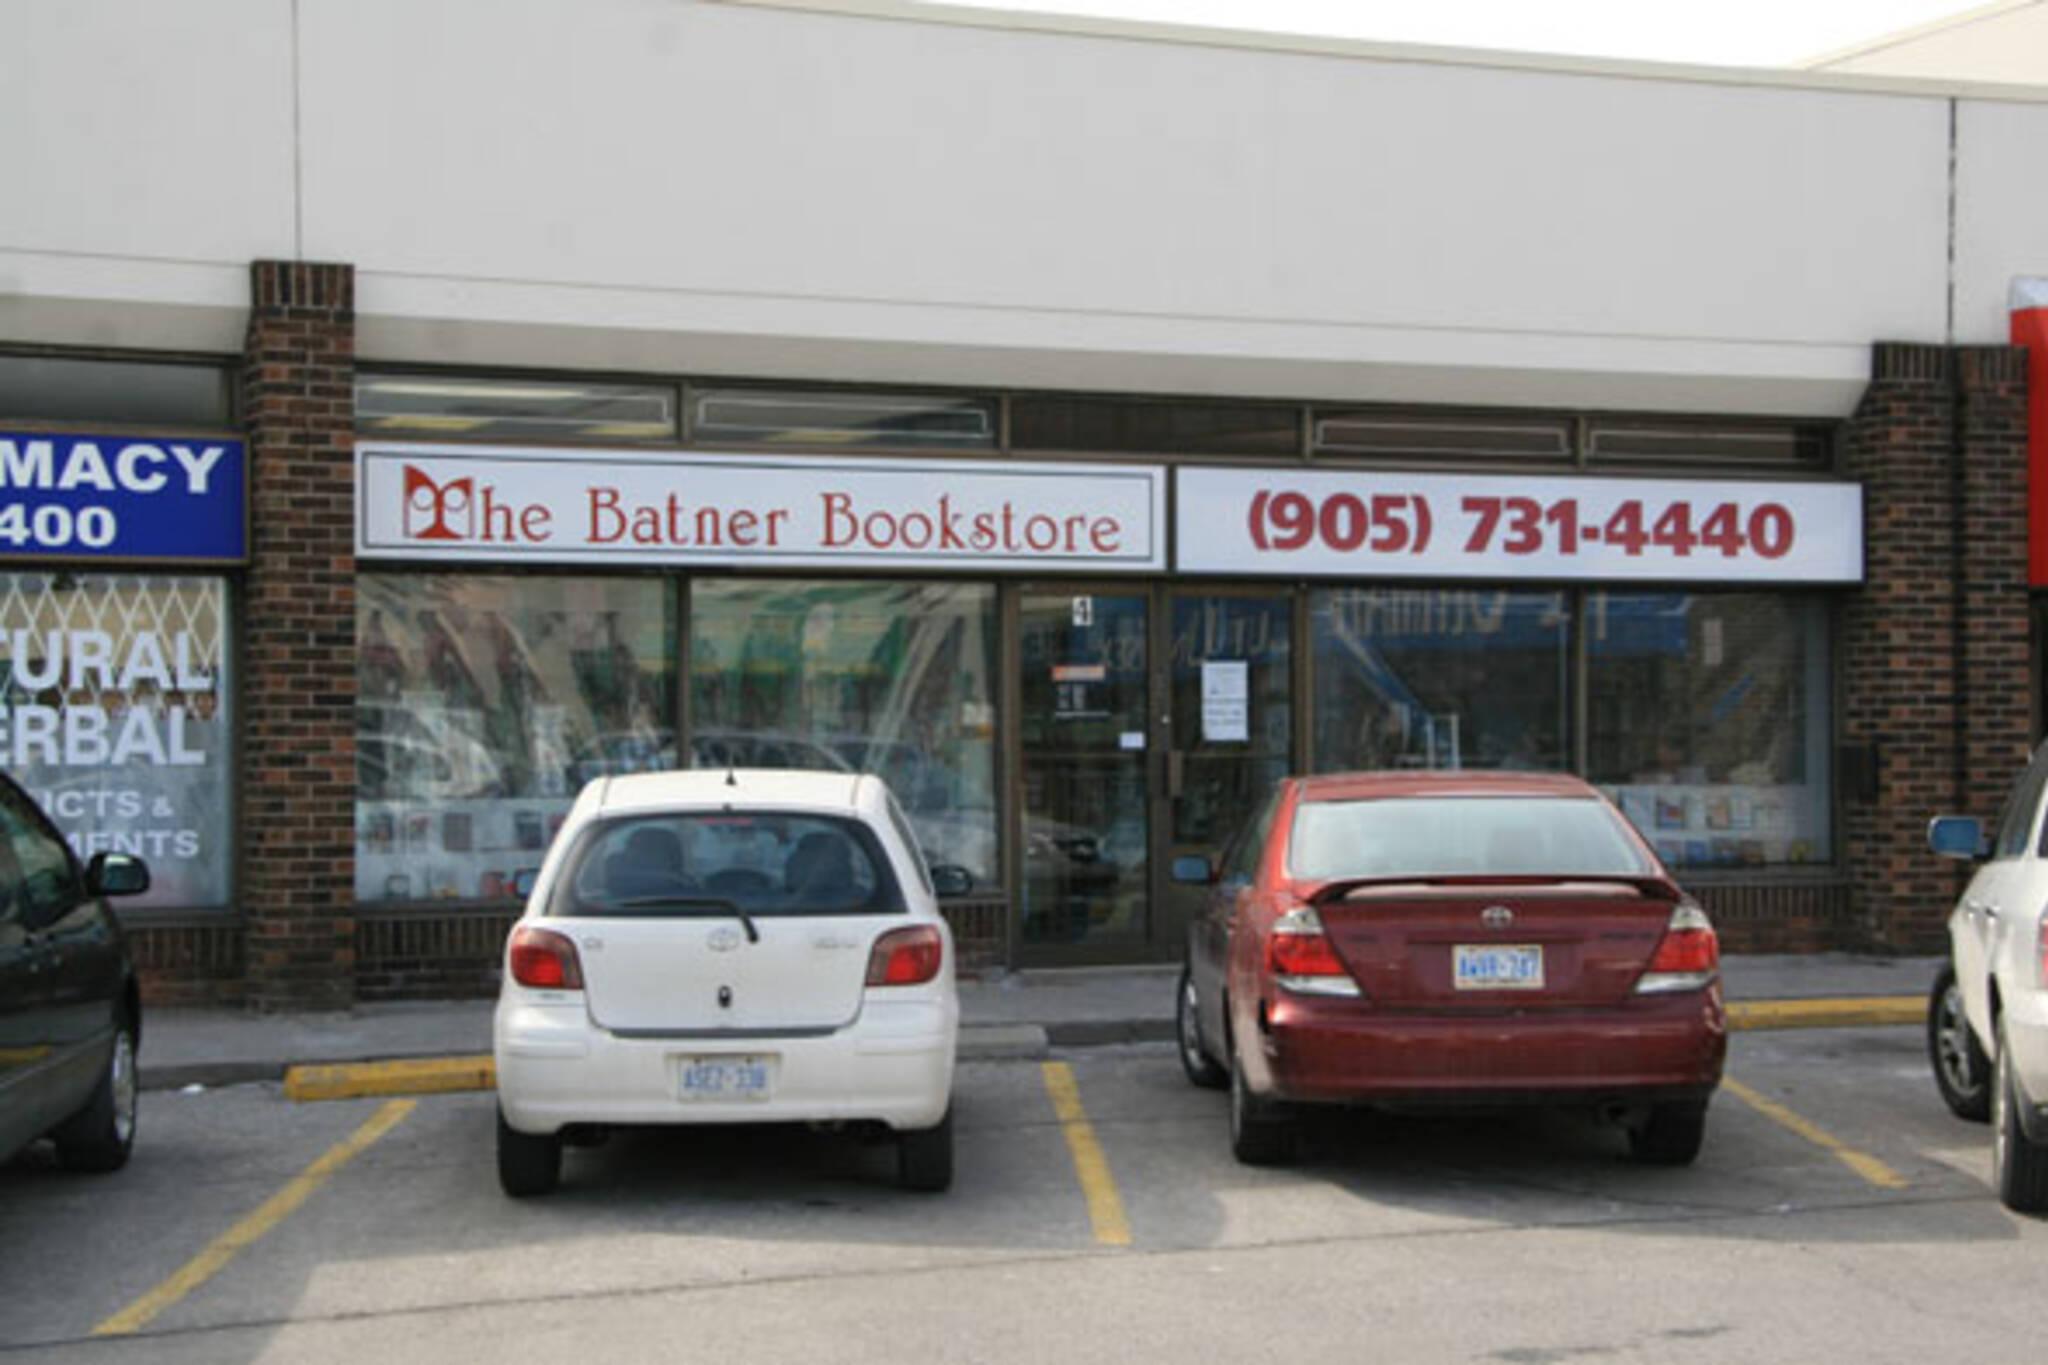 Batner Bookstore